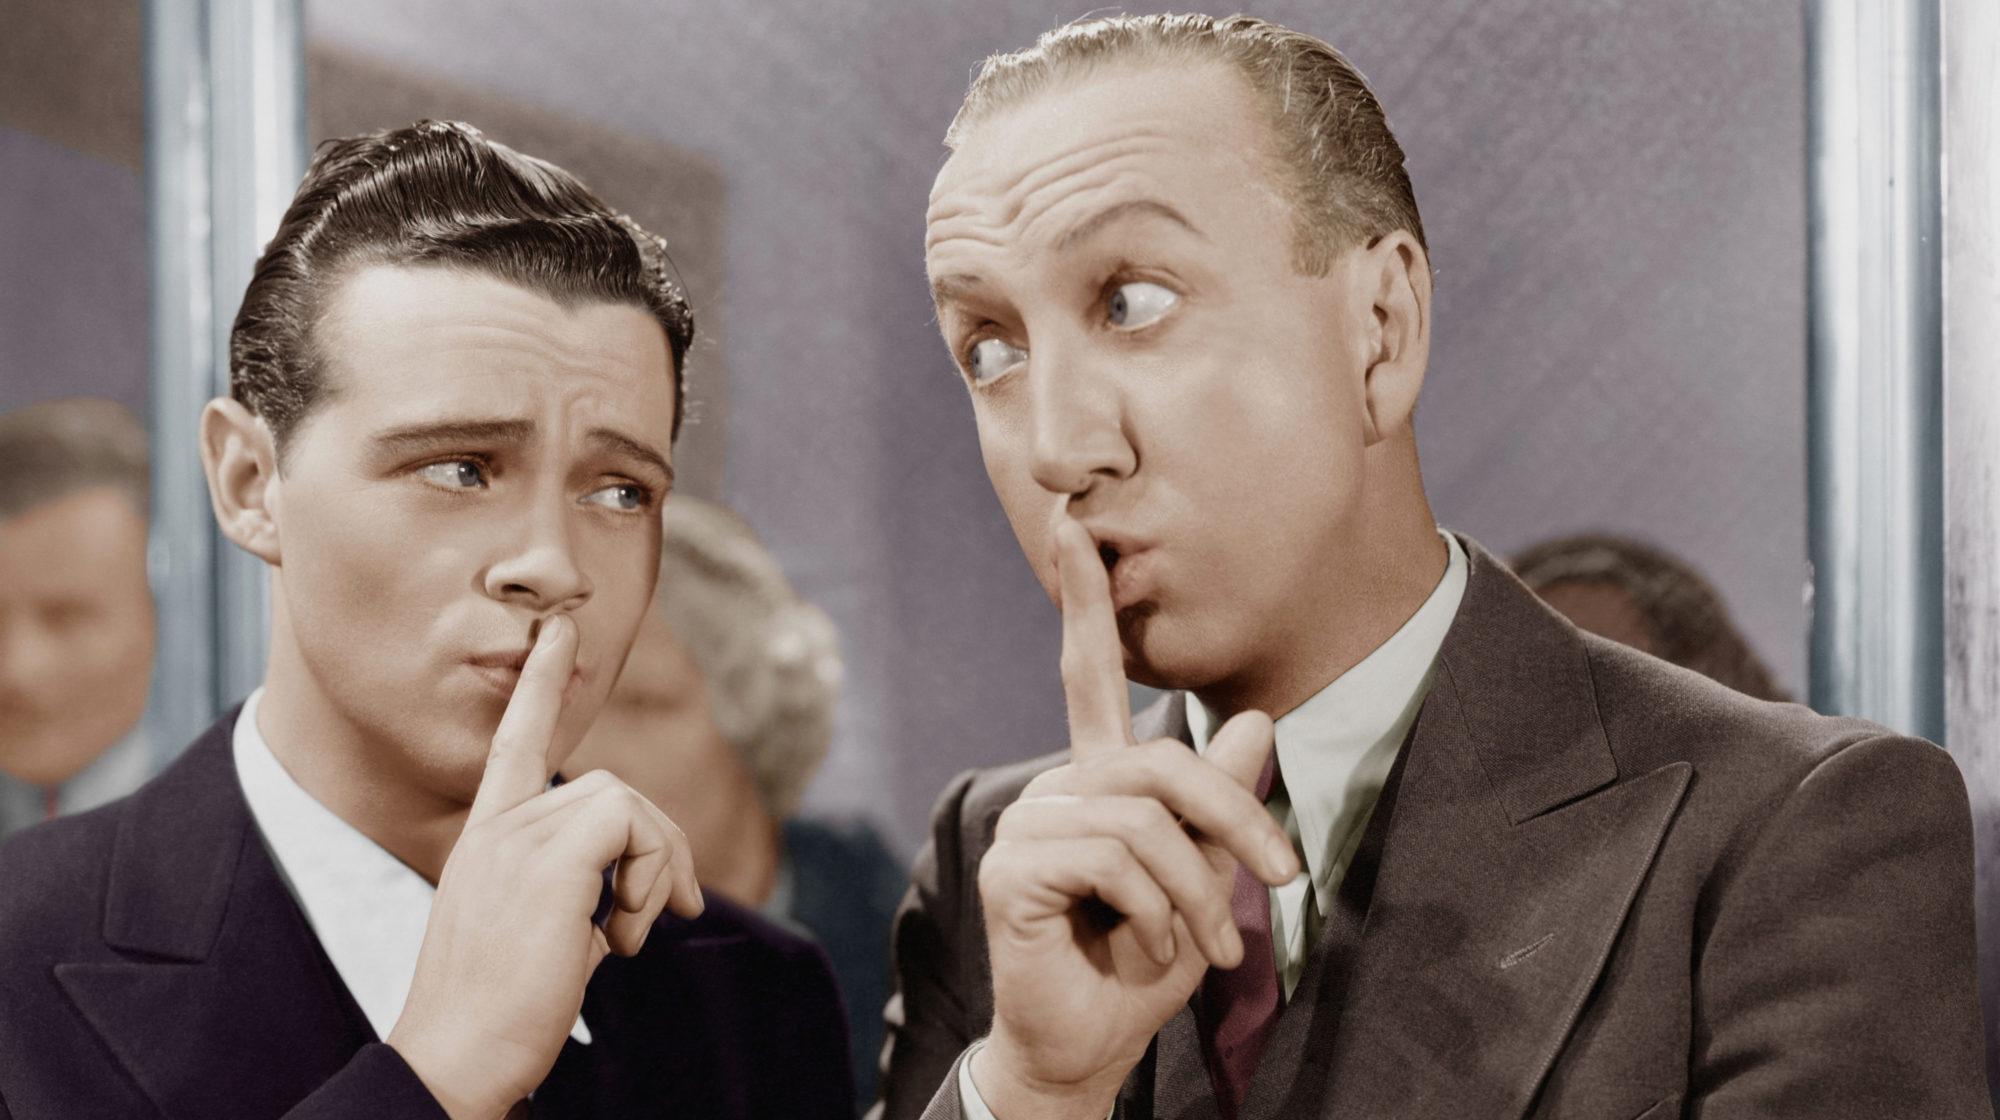 Geheimnisse enthüllt im Job für Jobeinsteiger- 7 Tipps.